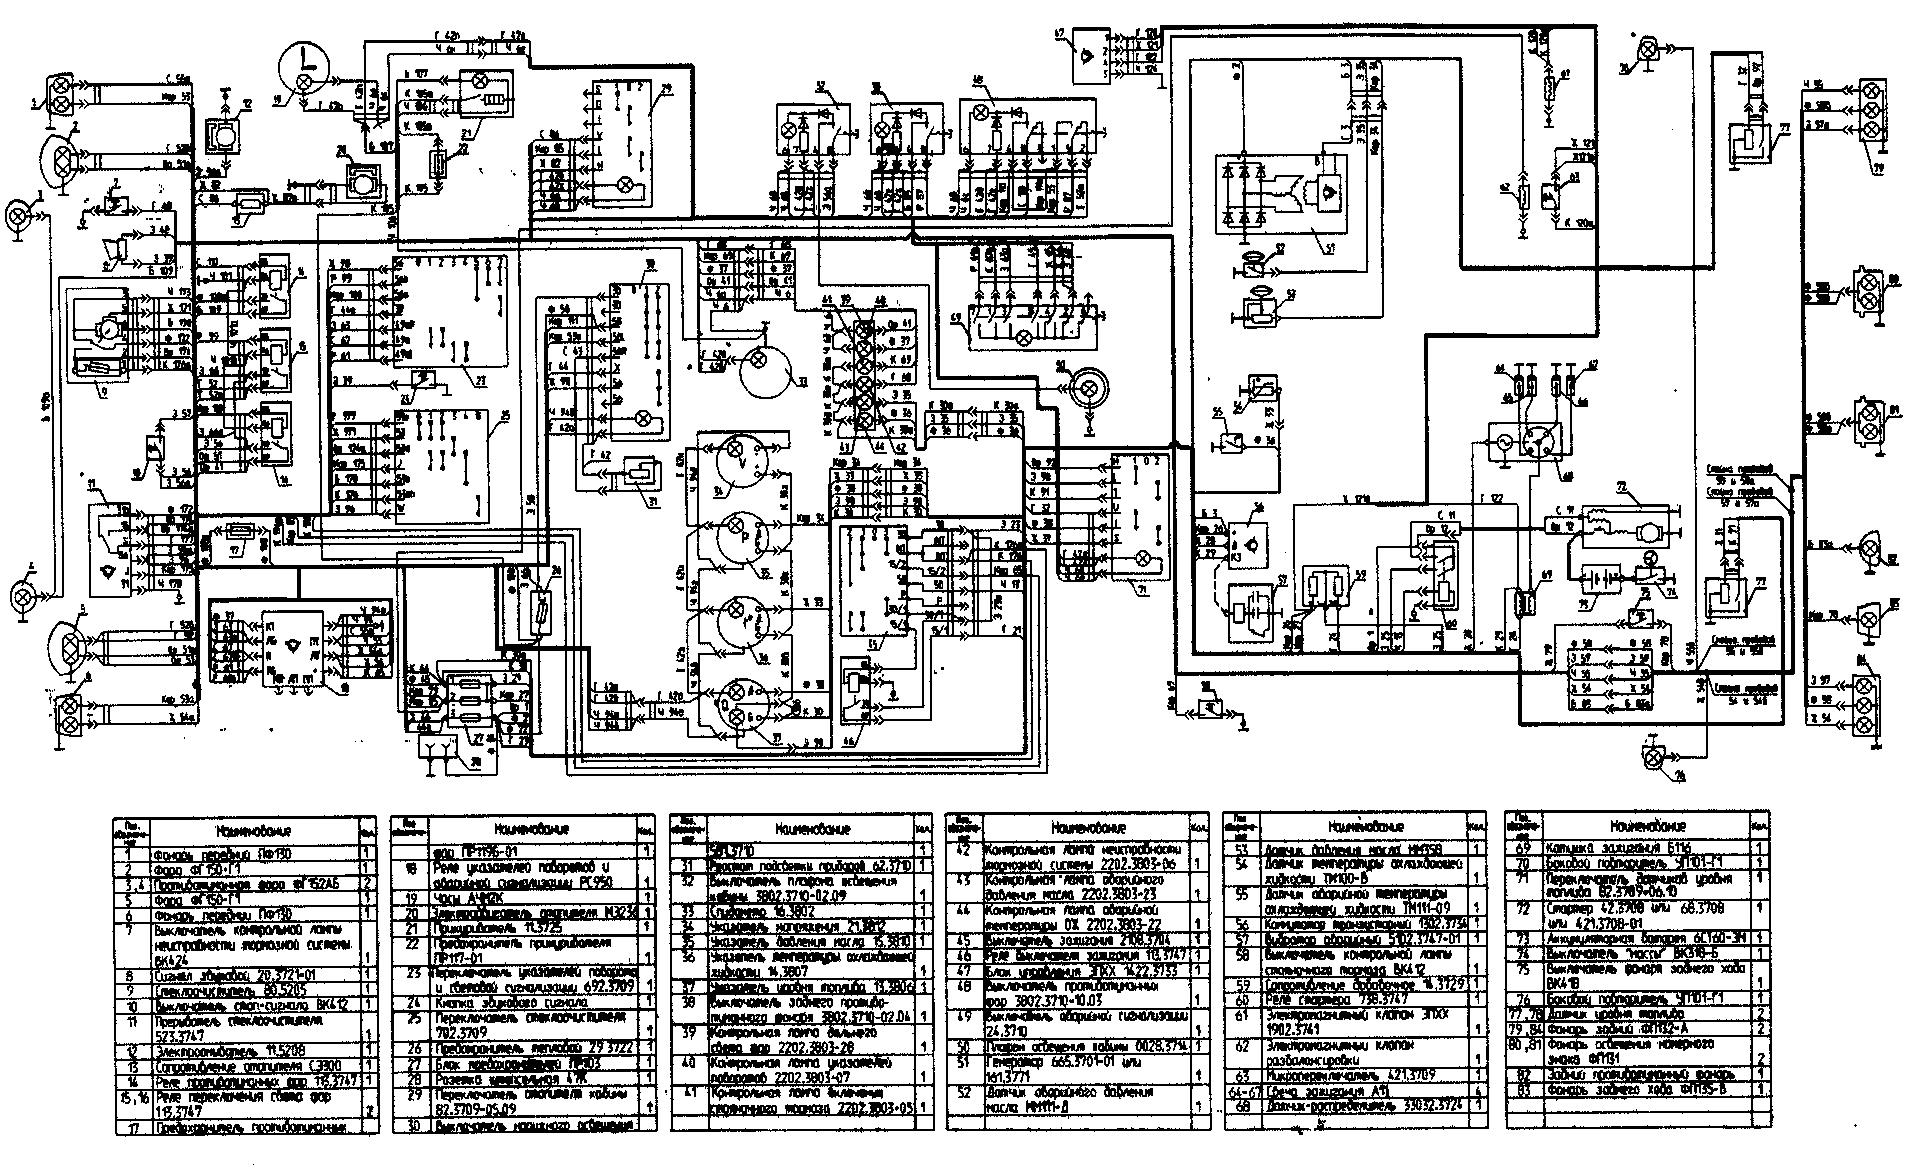 Схема электрооборудования автомобиля УАЗ-39095 с многофункциональными подрулевыми переключателями